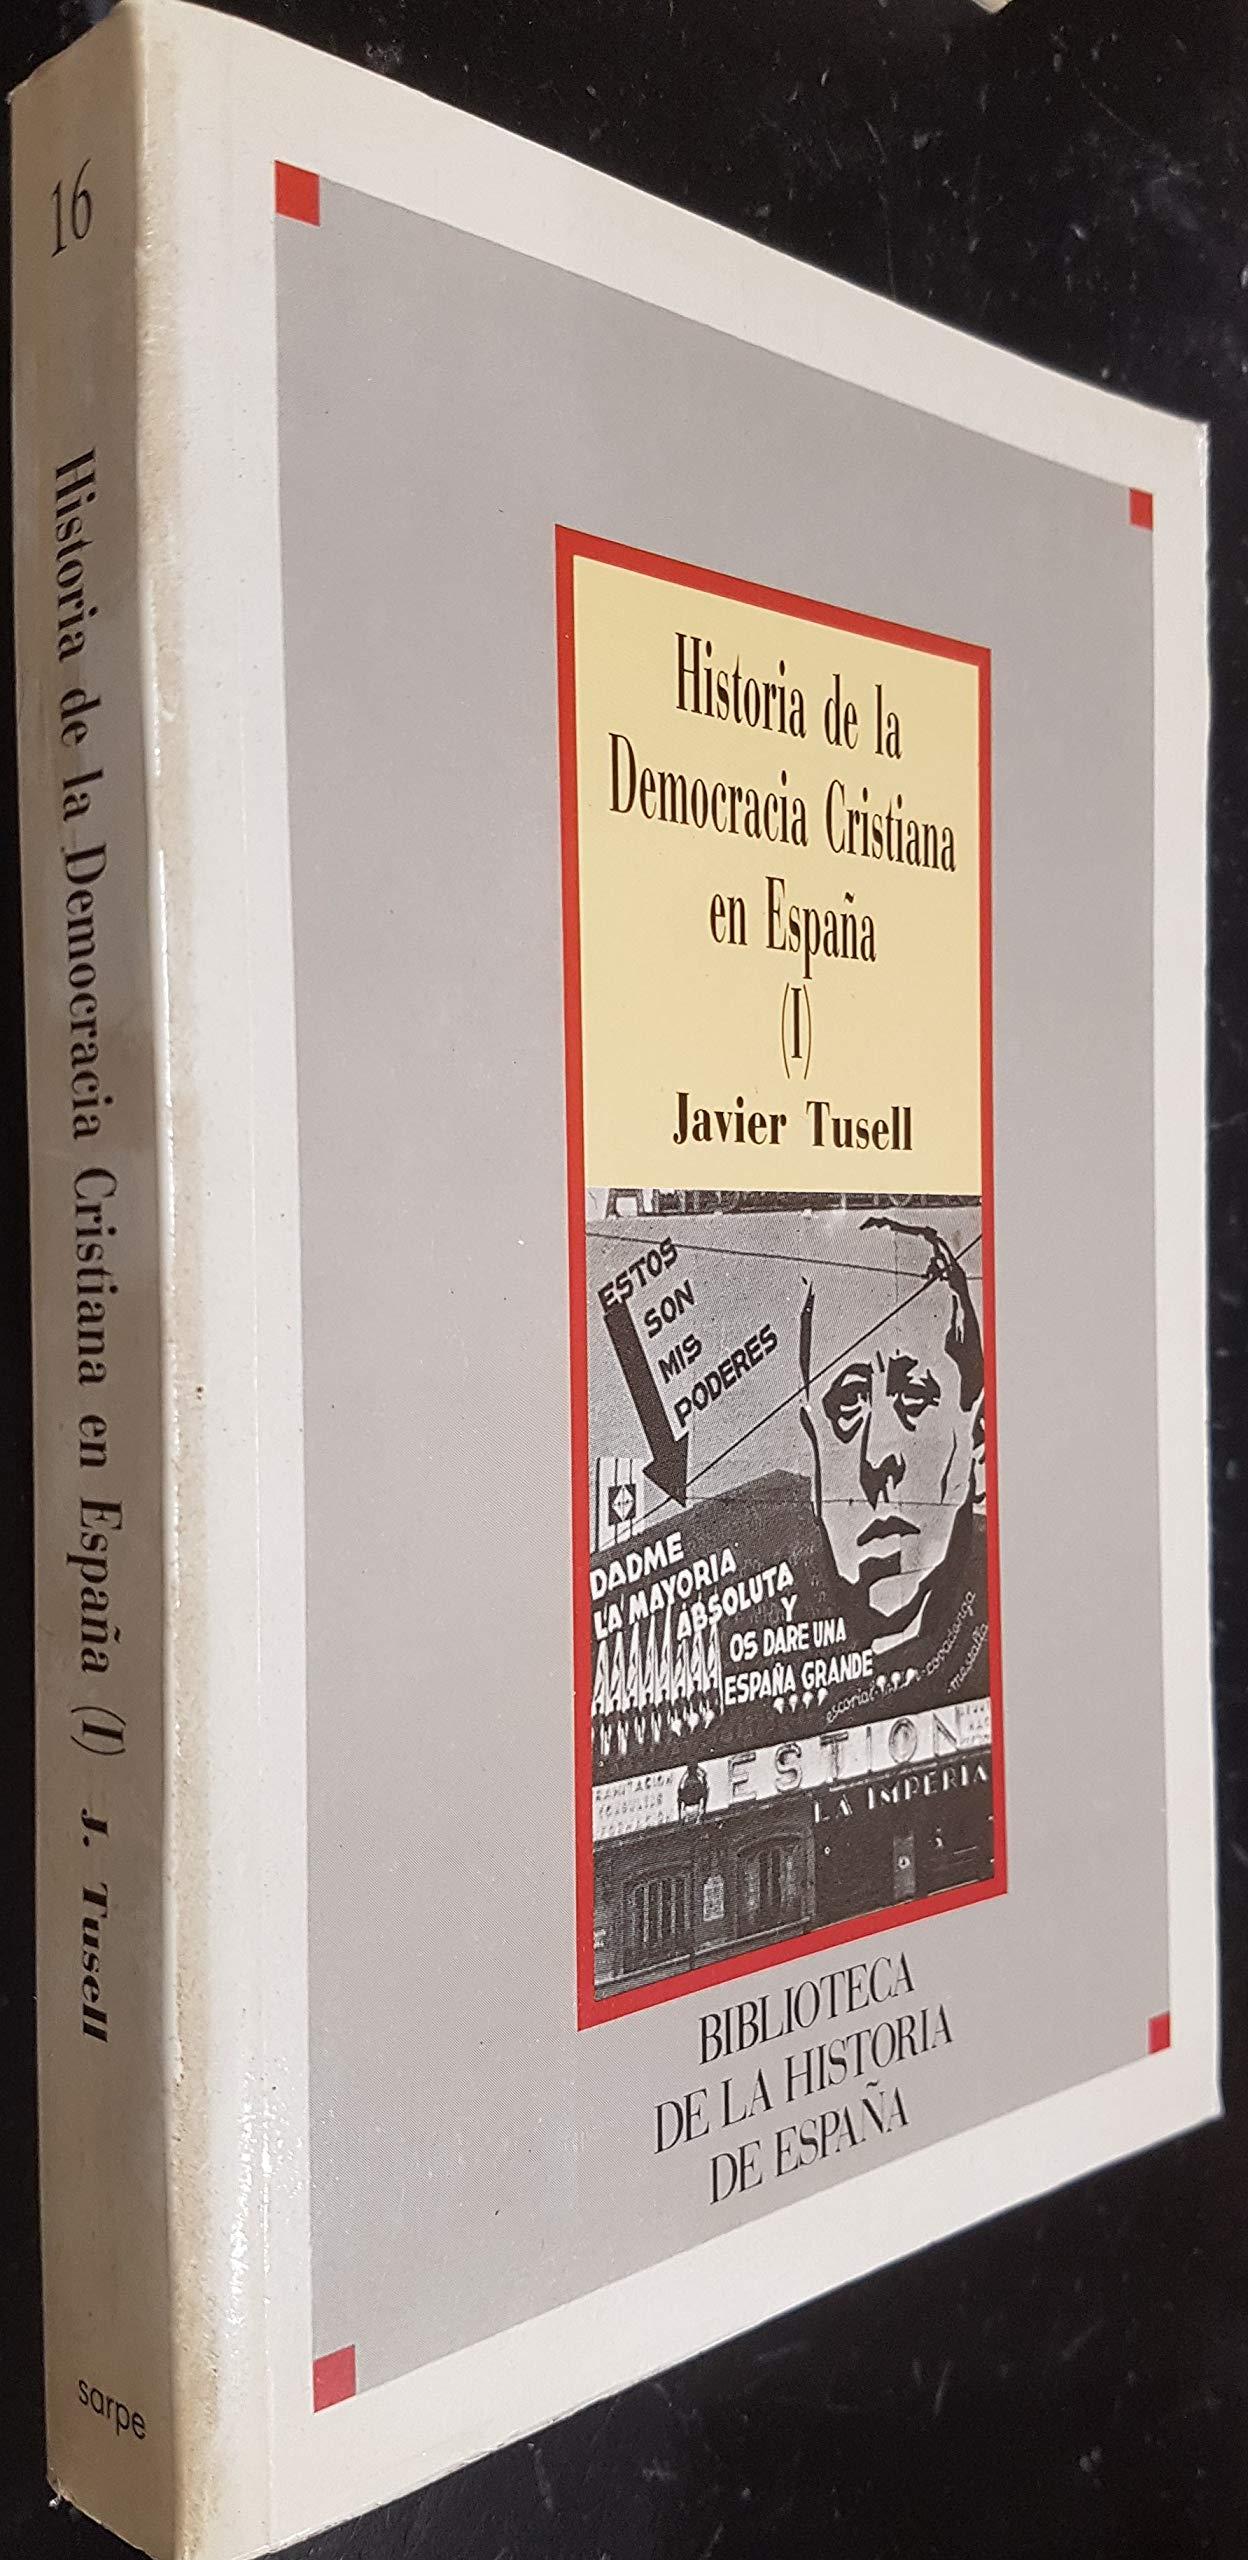 Historia De La Democracia Cristiana En España. 2 Vols.: Amazon.es ...